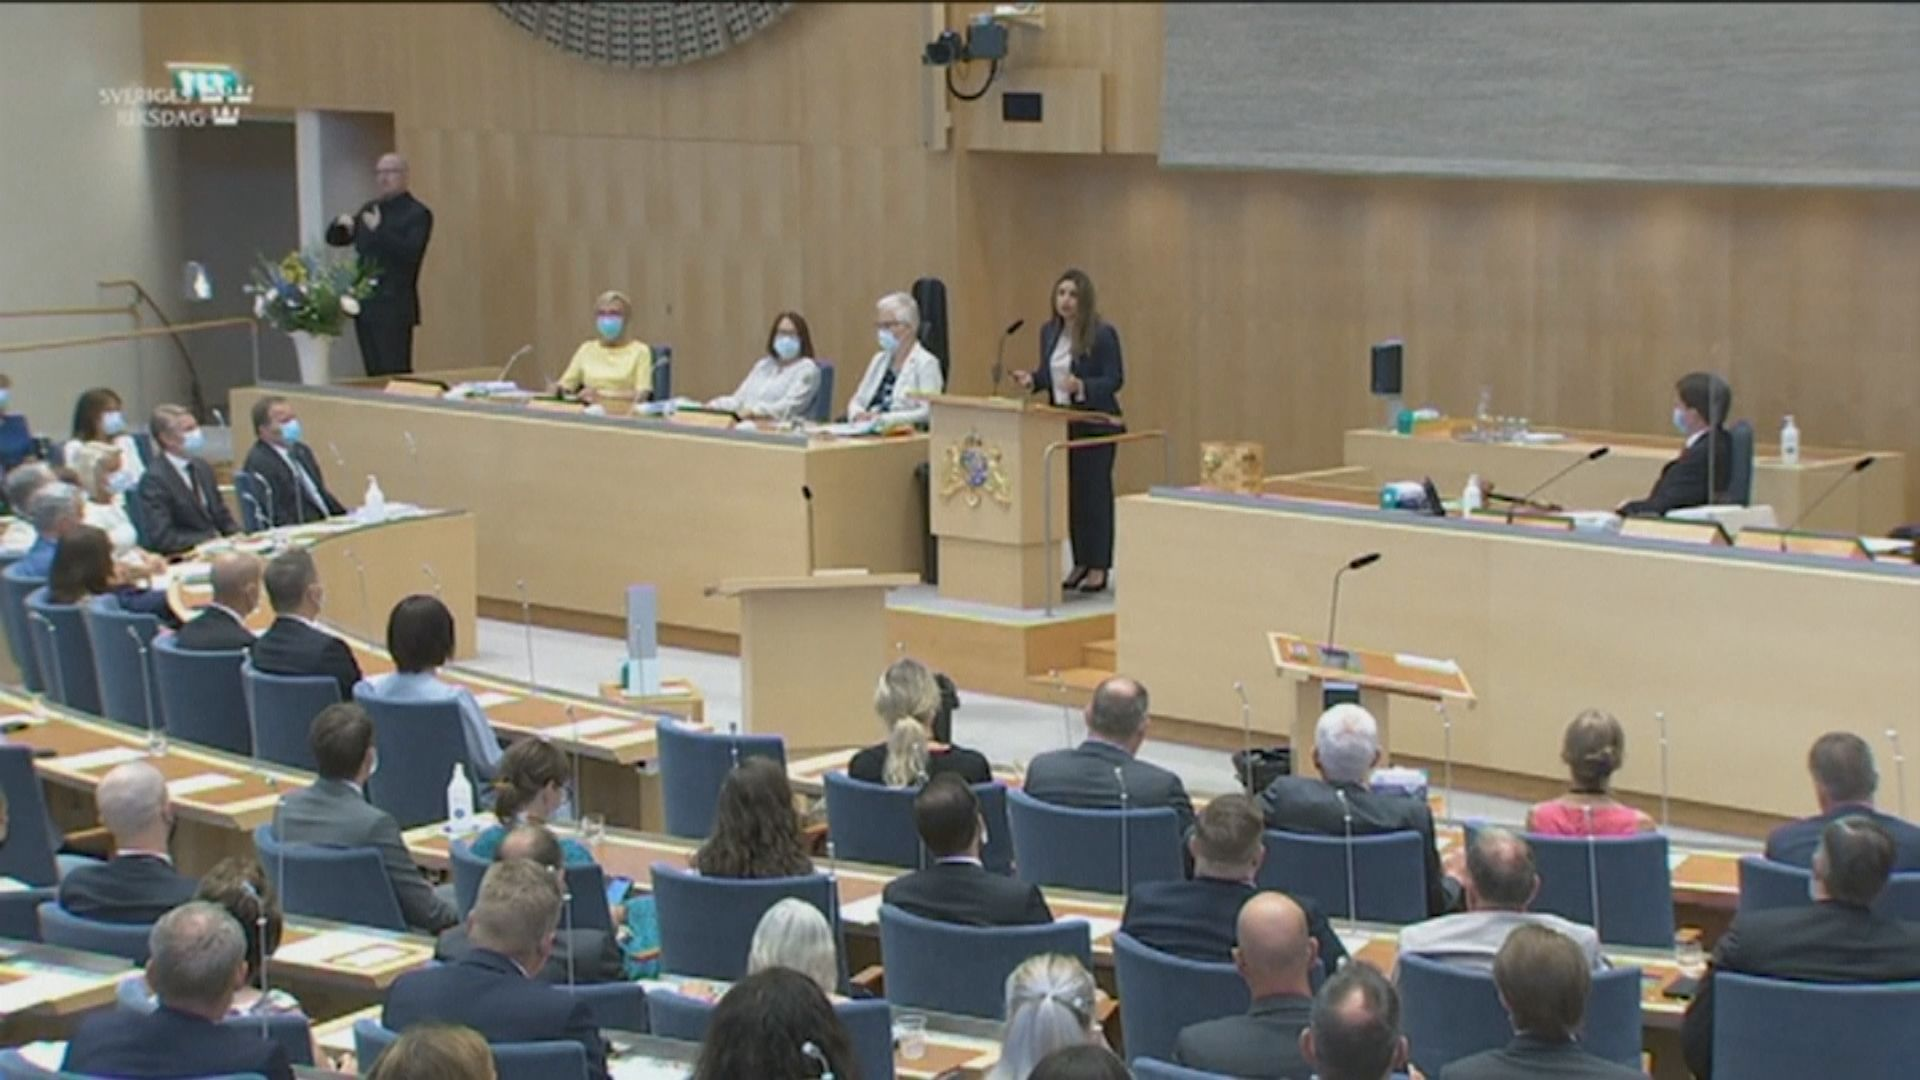 瑞典國會通過首相不信任動議 將宣布辭職或提前大選